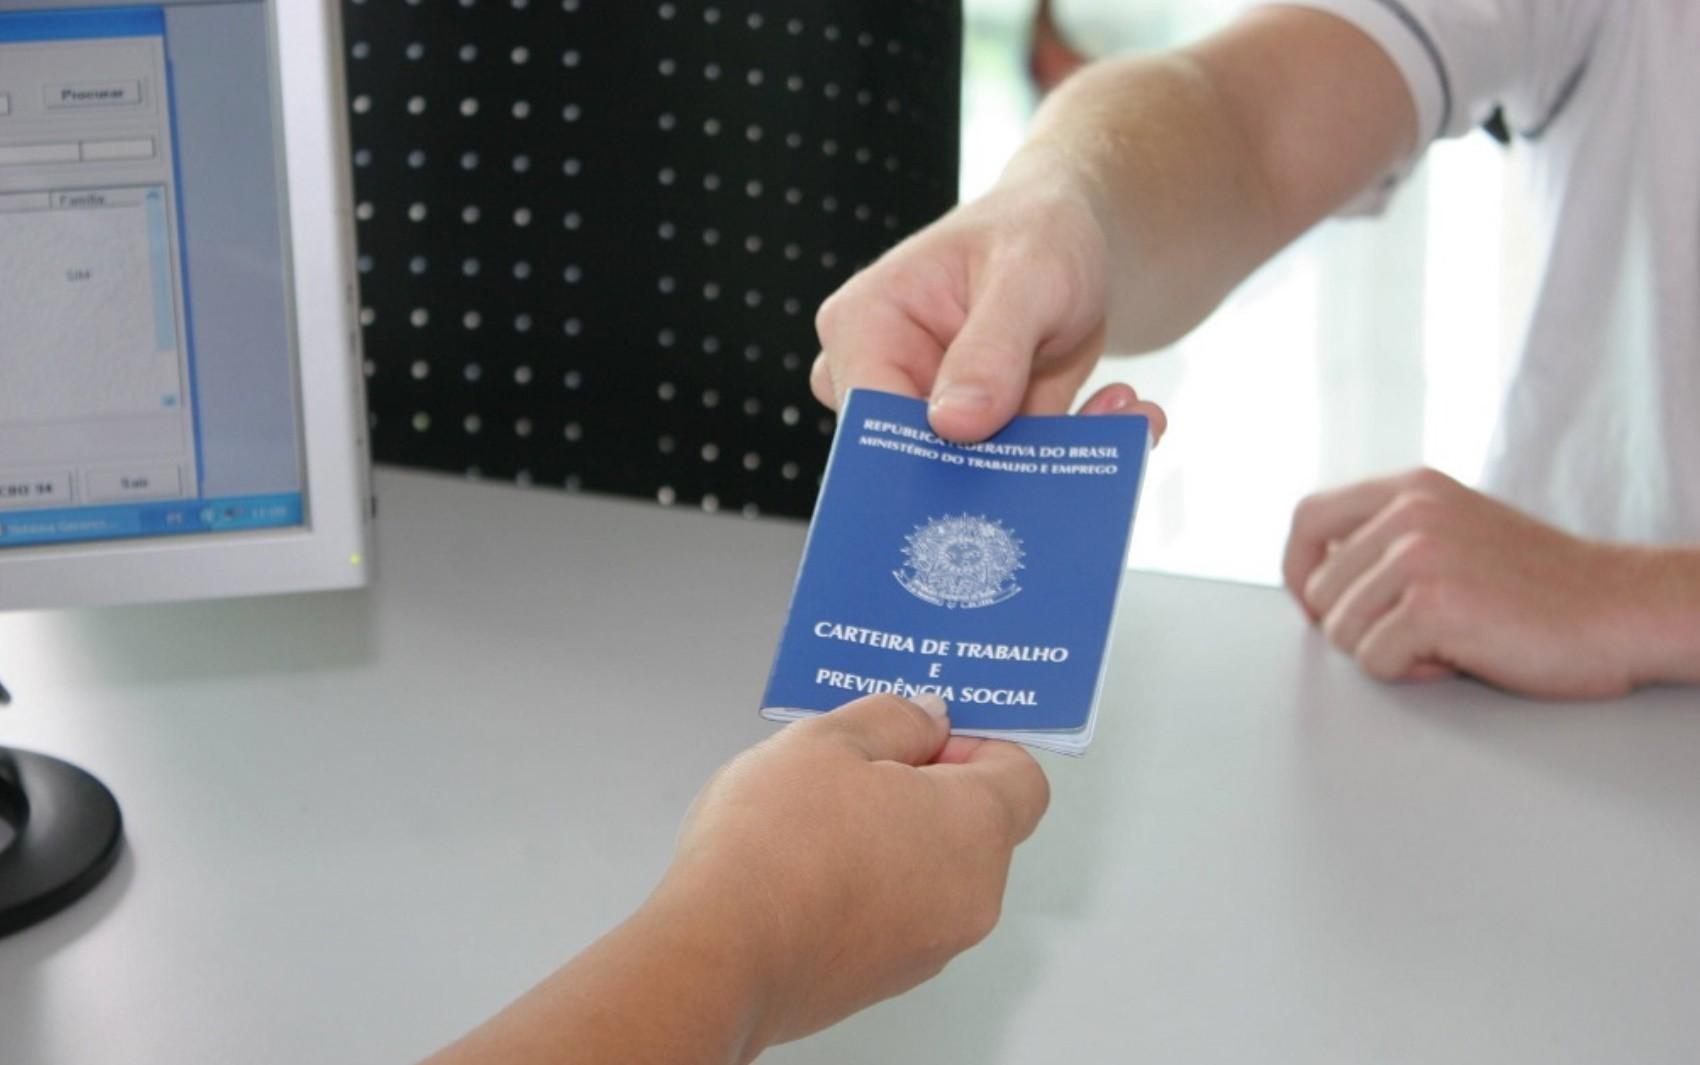 Aparecida de Goiânia abre 533 vagas de trabalho nesta semana